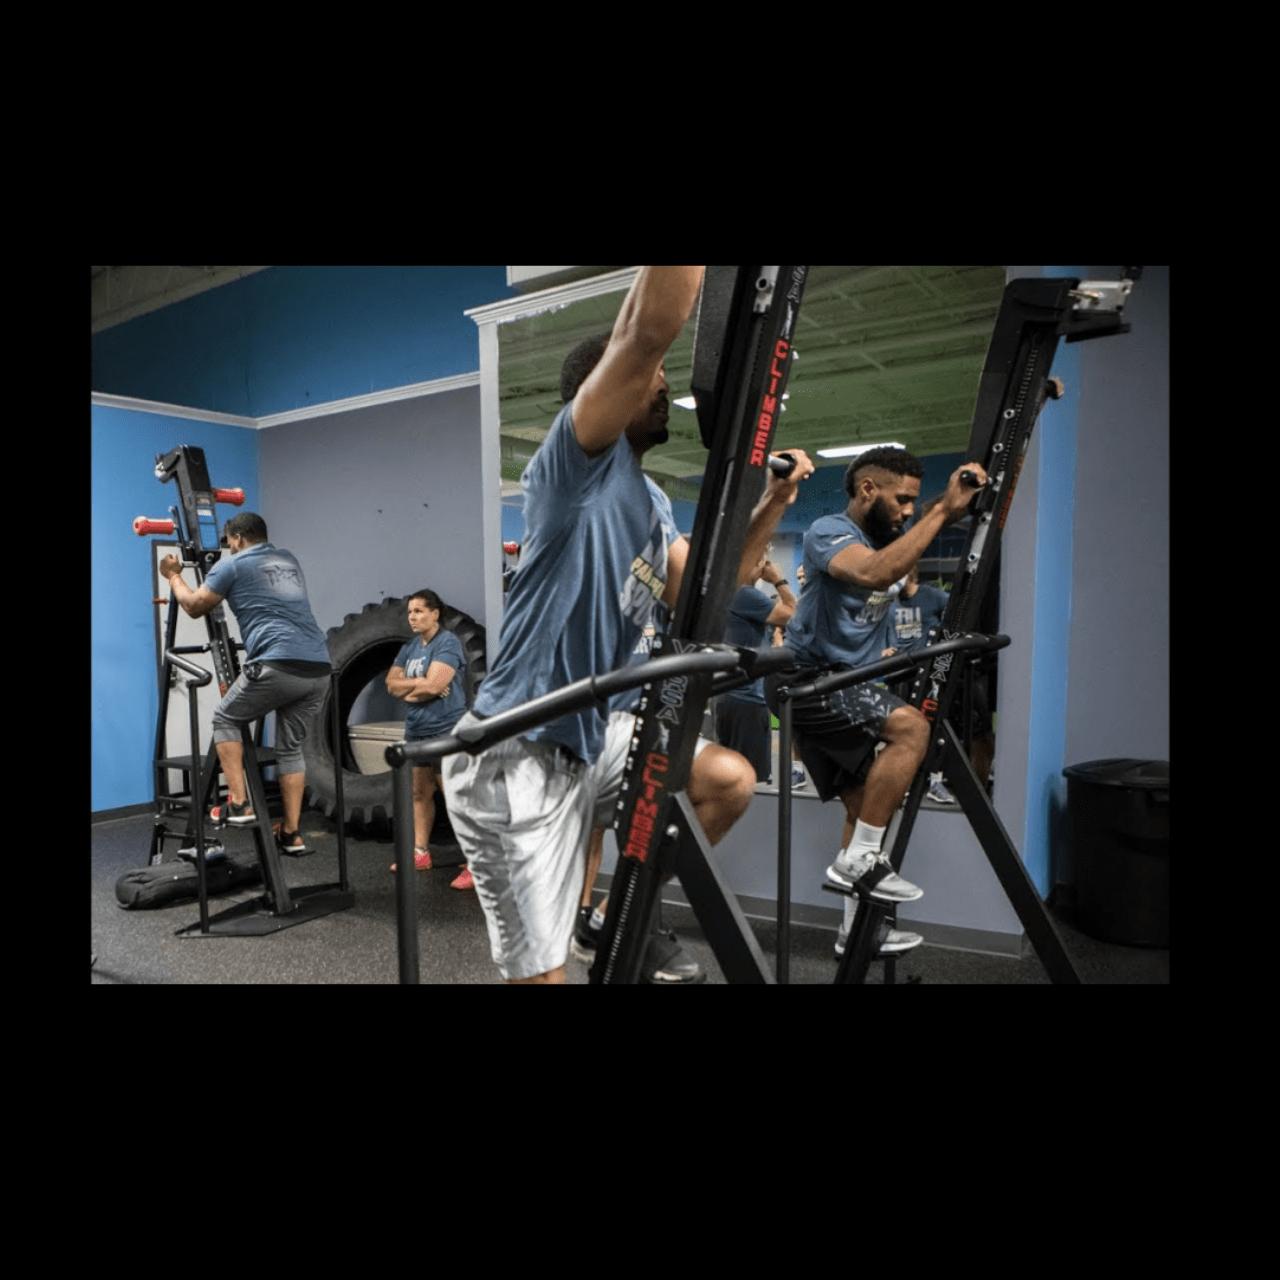 为什么VersaClimber极限全身攀爬机是重要的训练设备